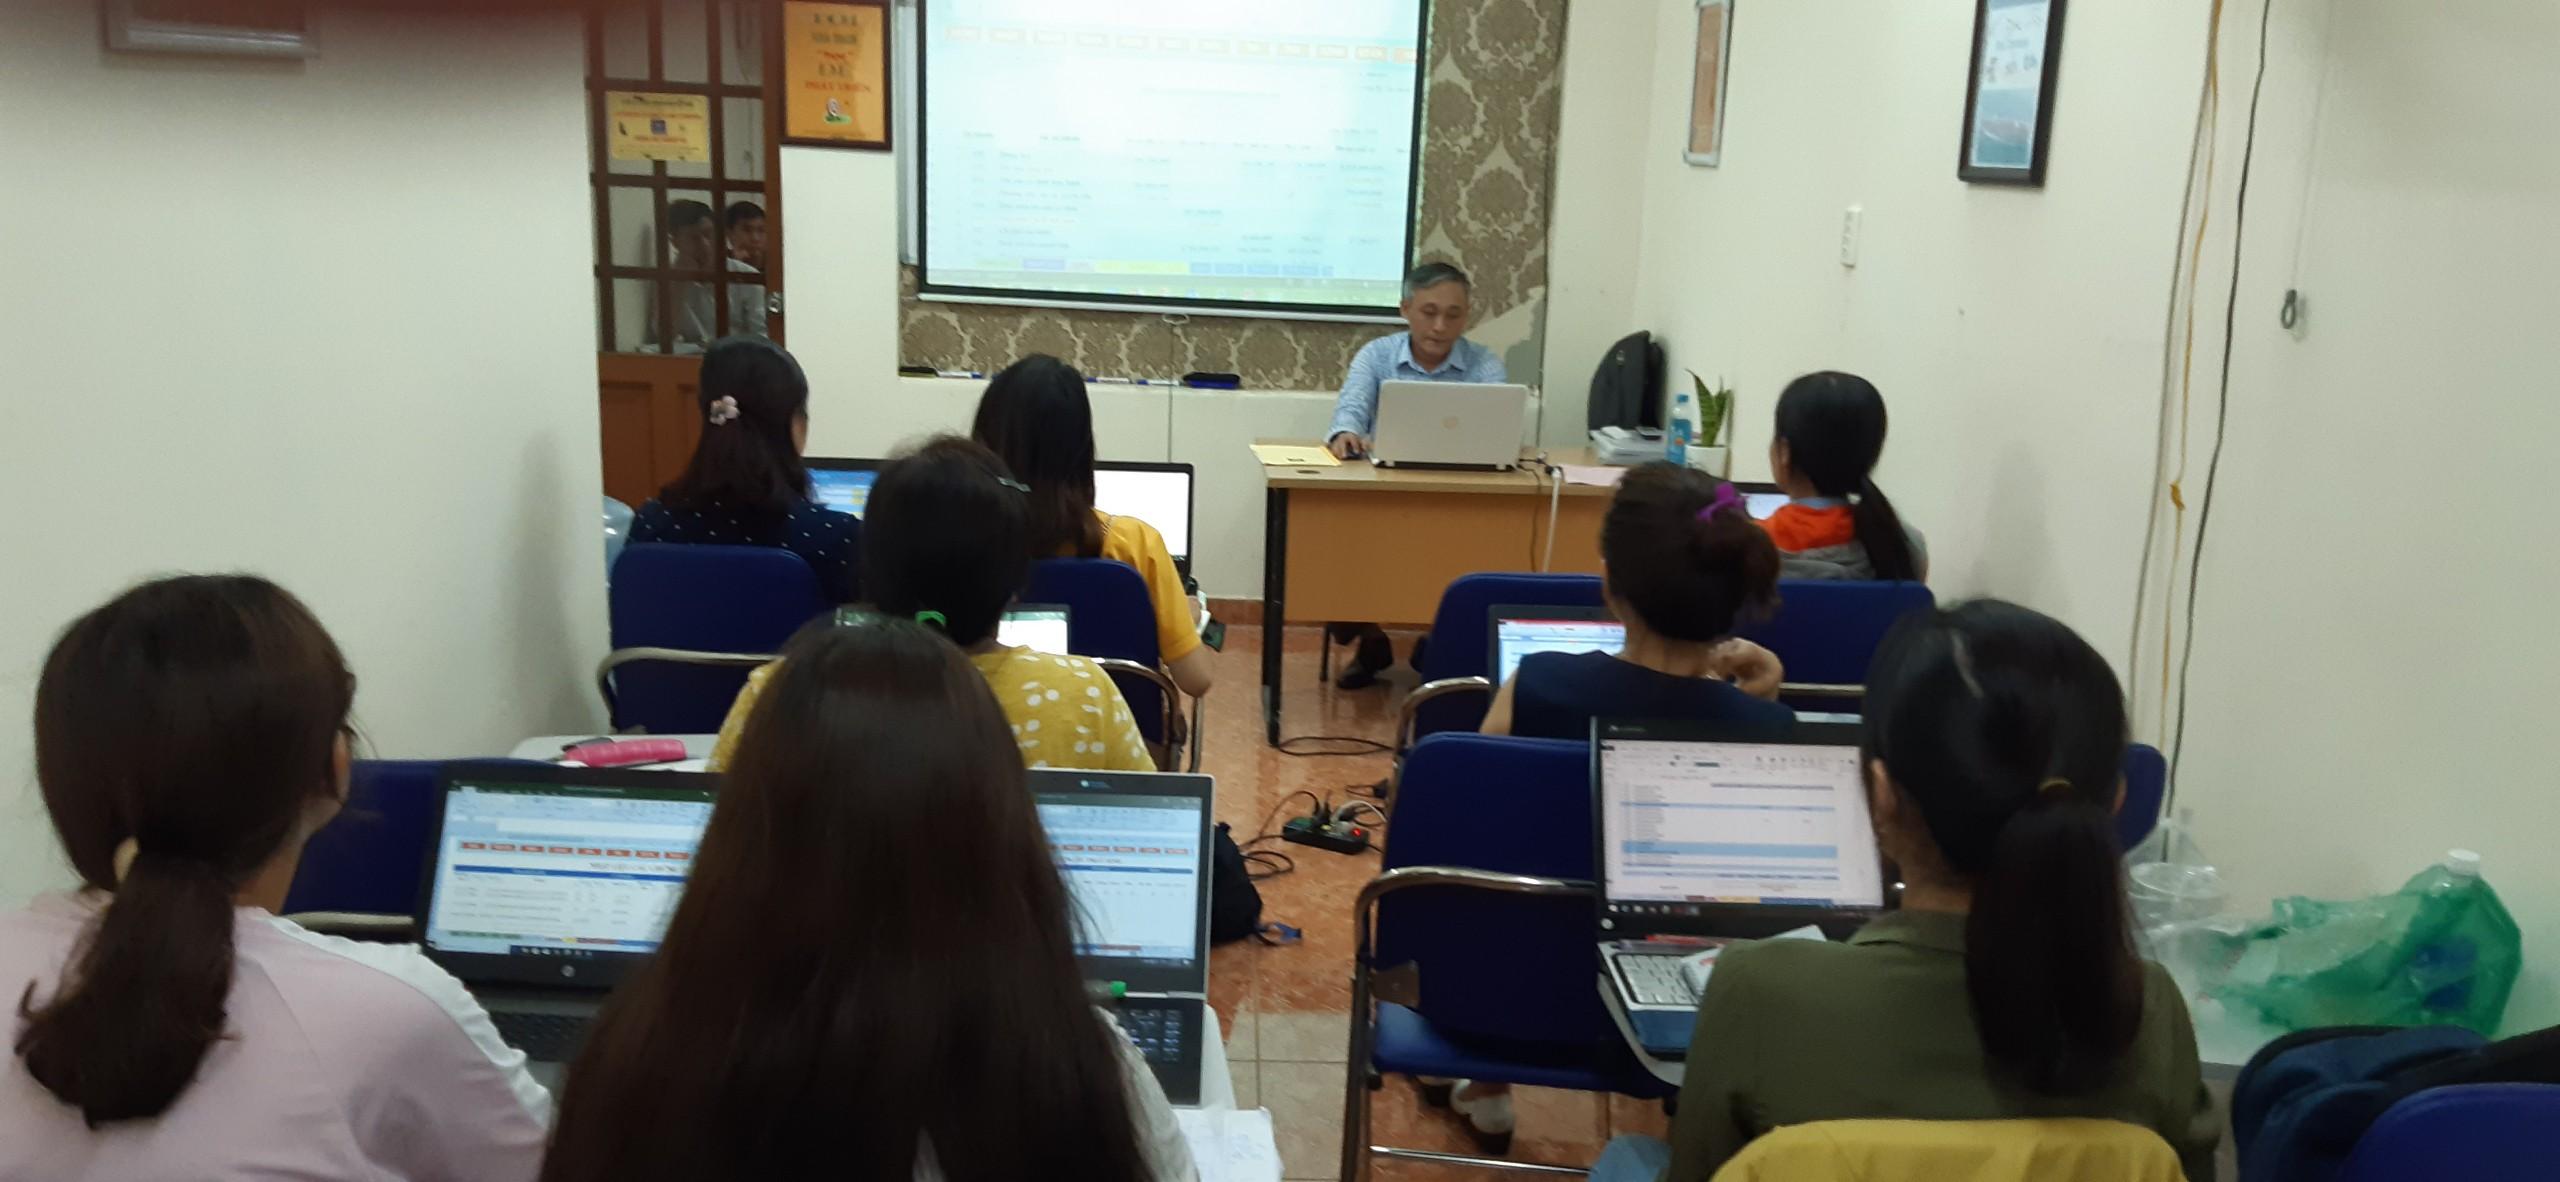 Hình ảnh khóa học đào tạo nghiệp vụ trực tiếp tại VinaTrain